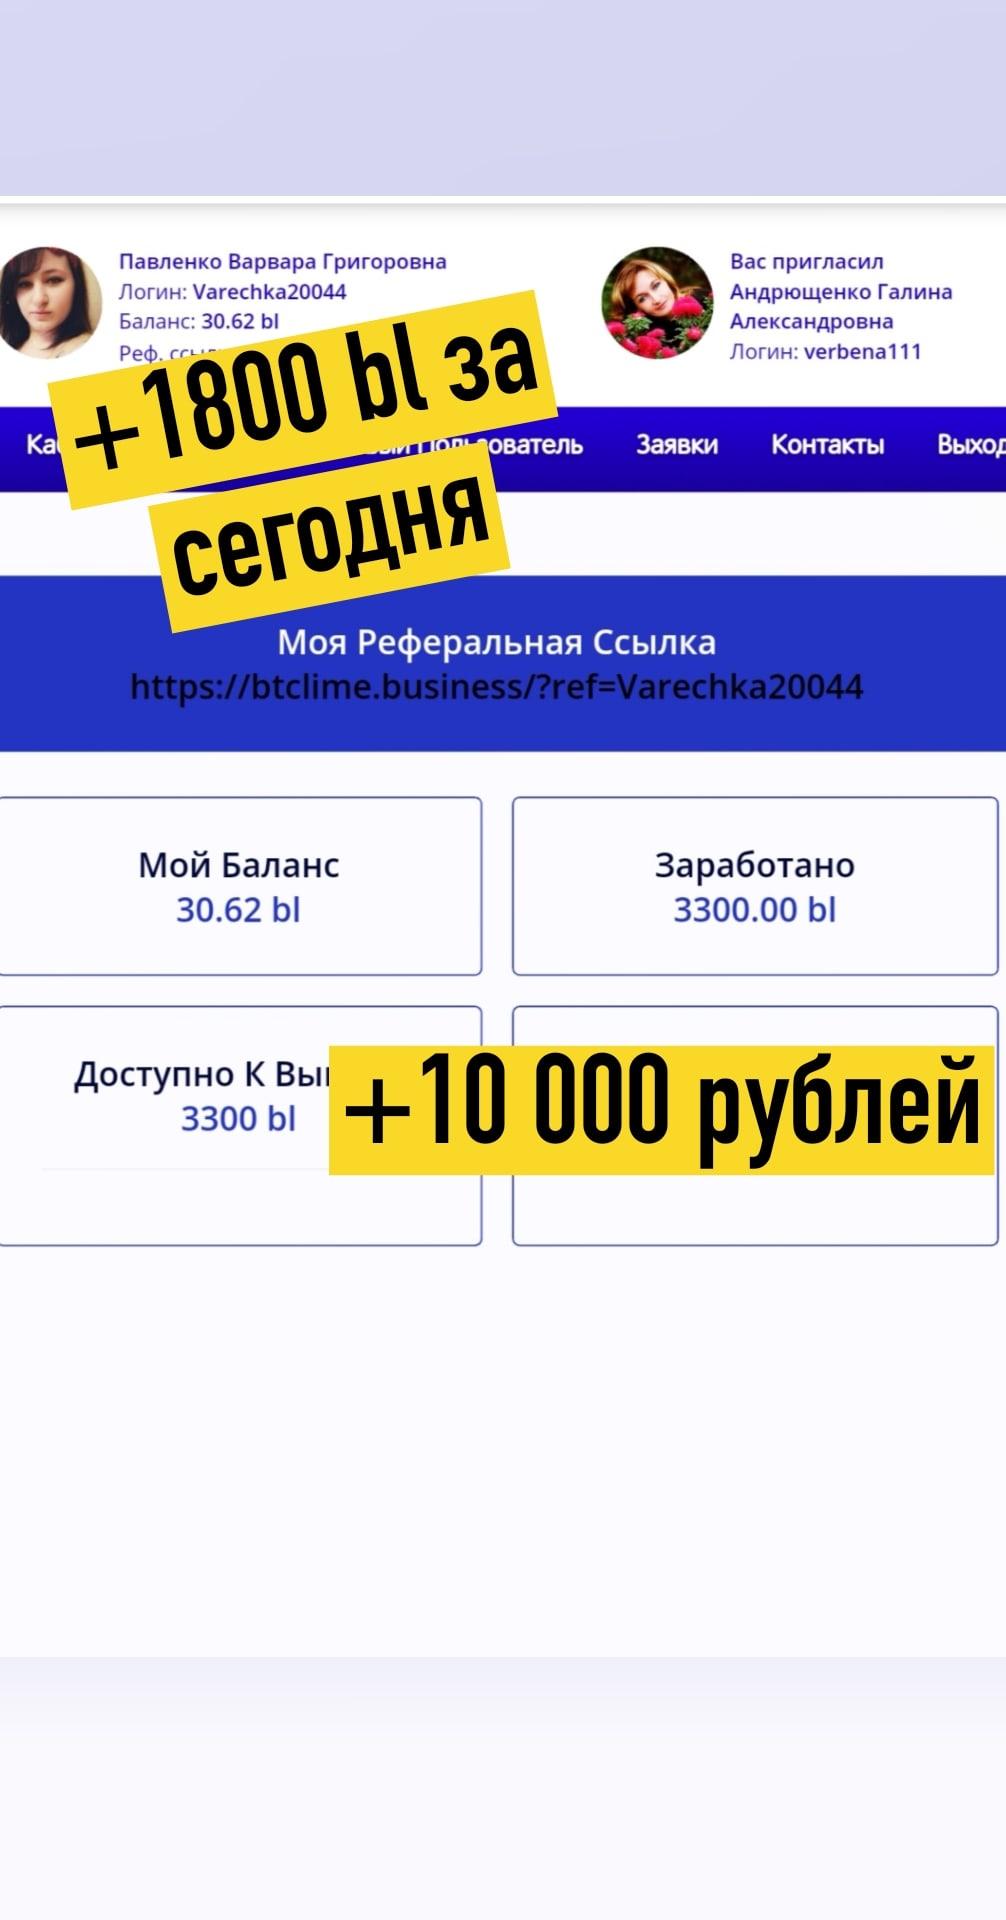 BTuOvAQq7EA.jpg